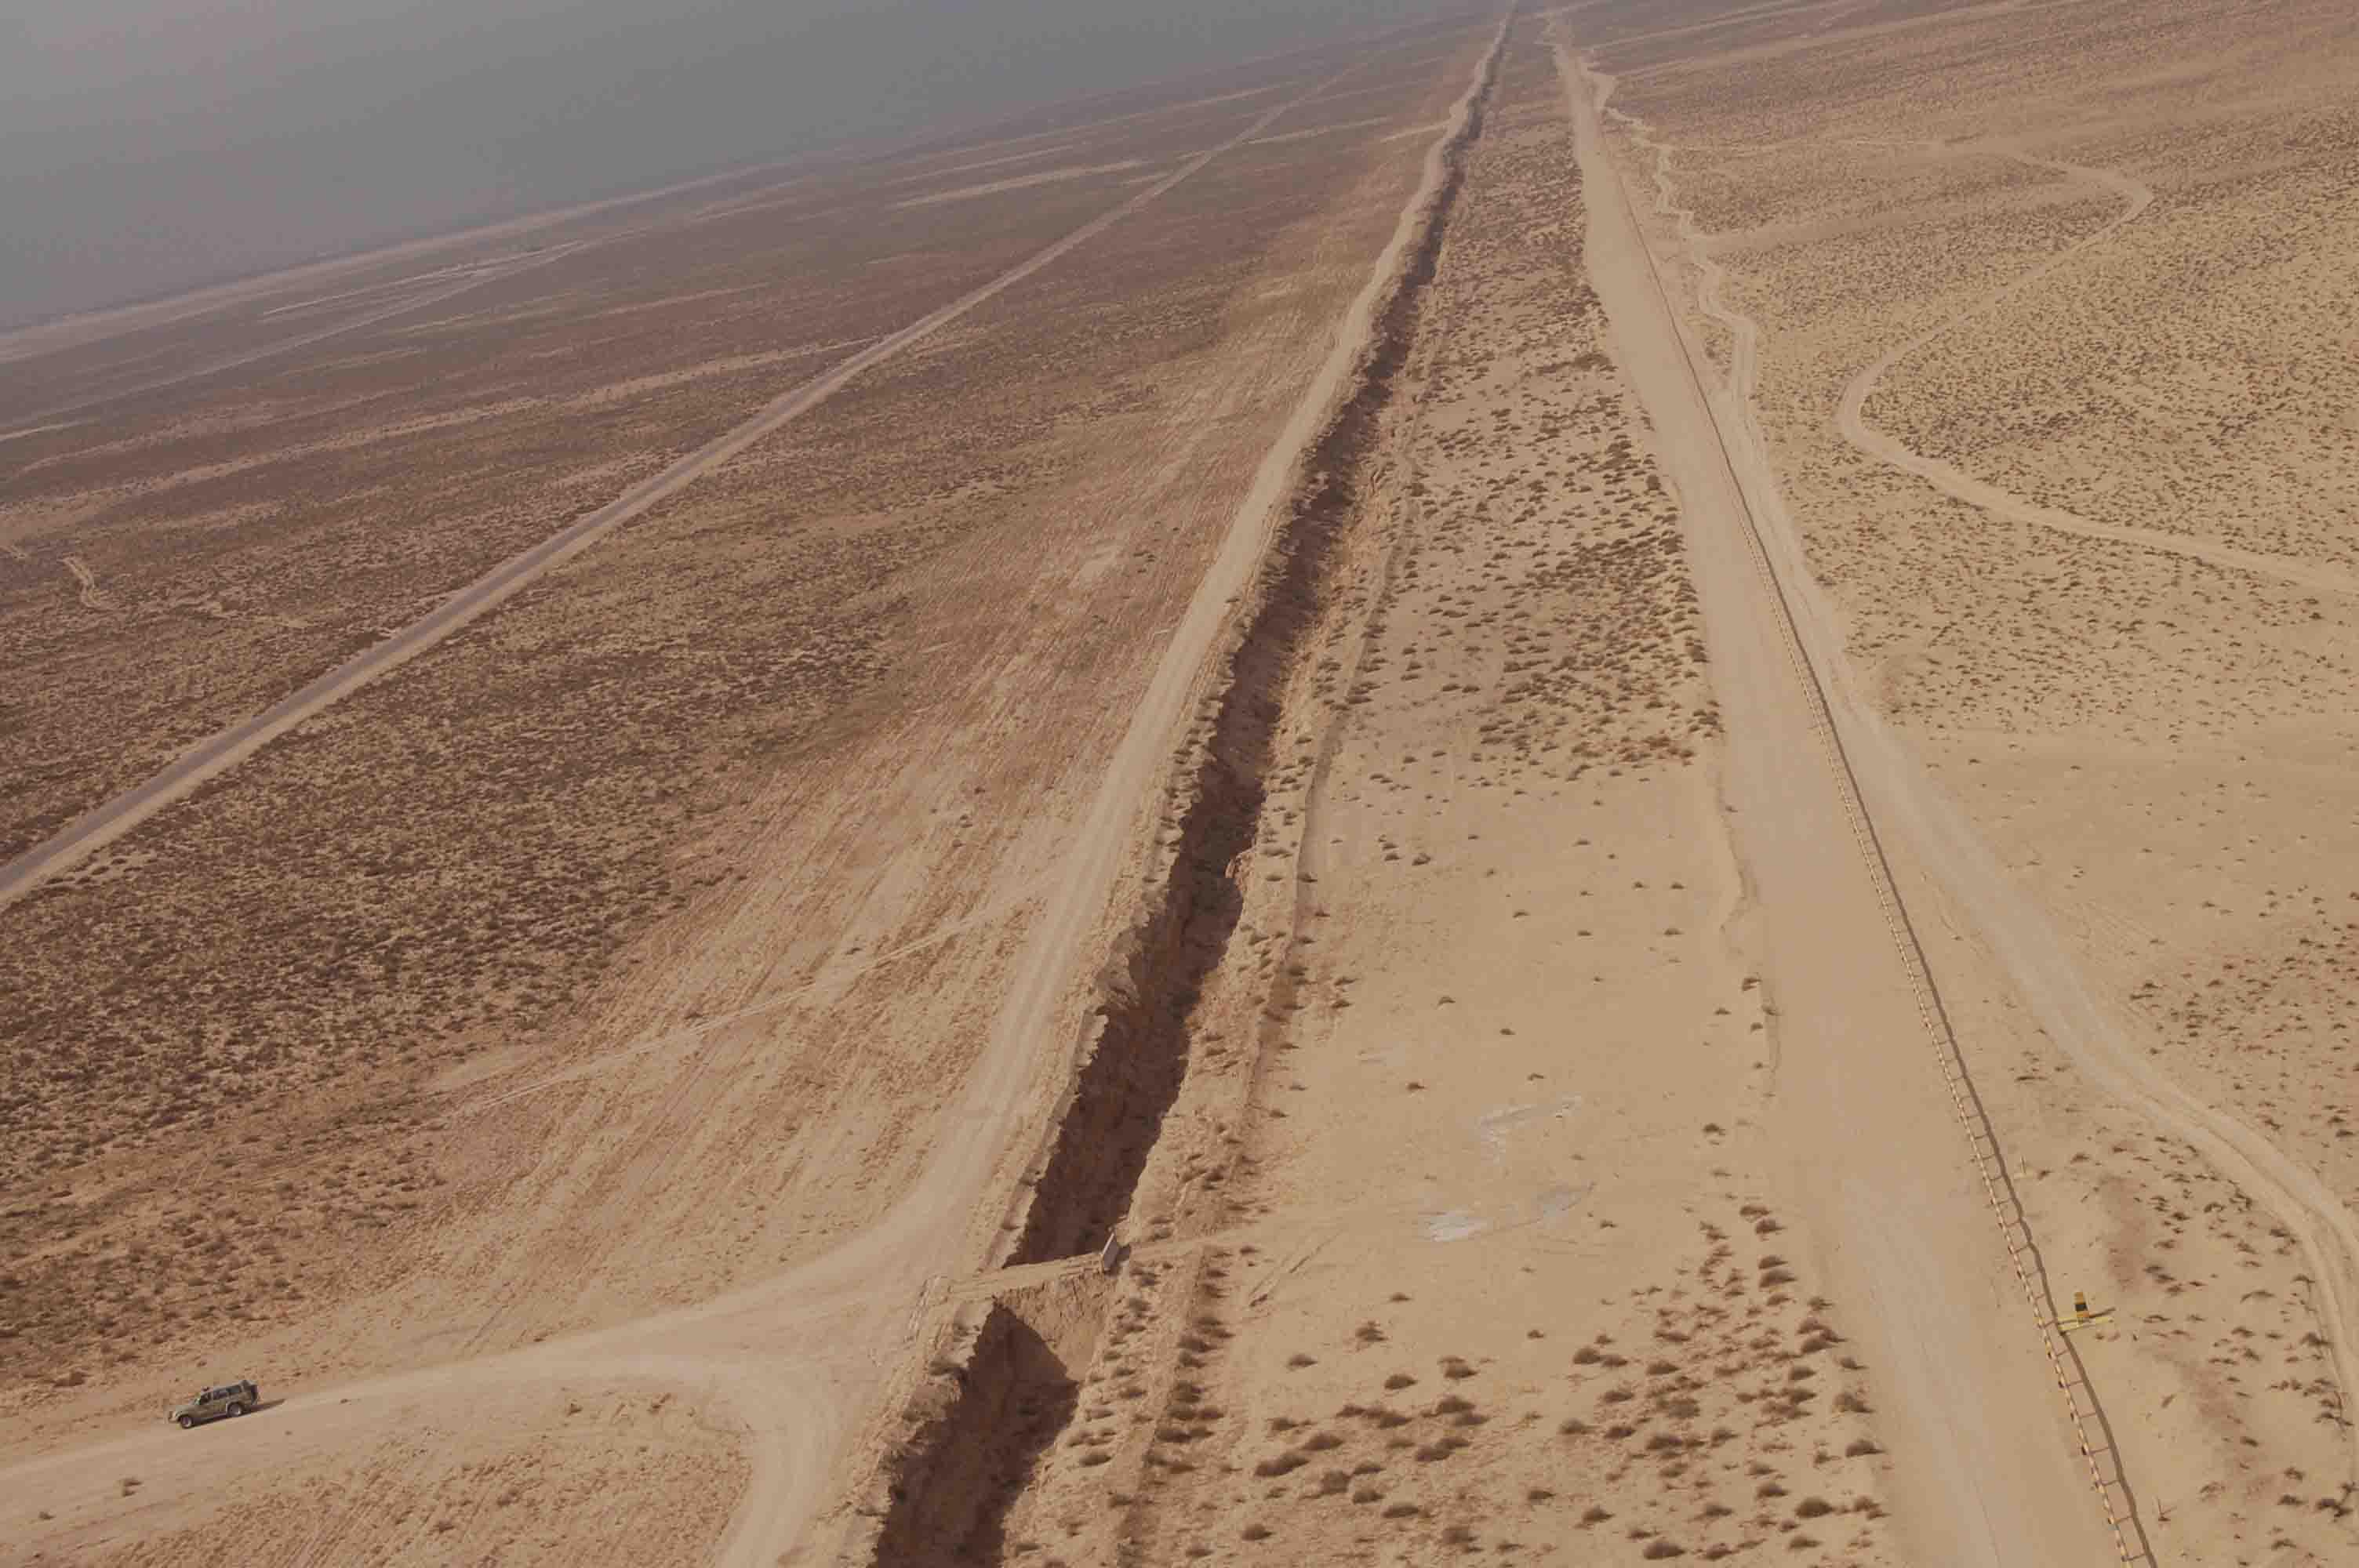 AerialViewKuwait_Iraq5Border2.jpg